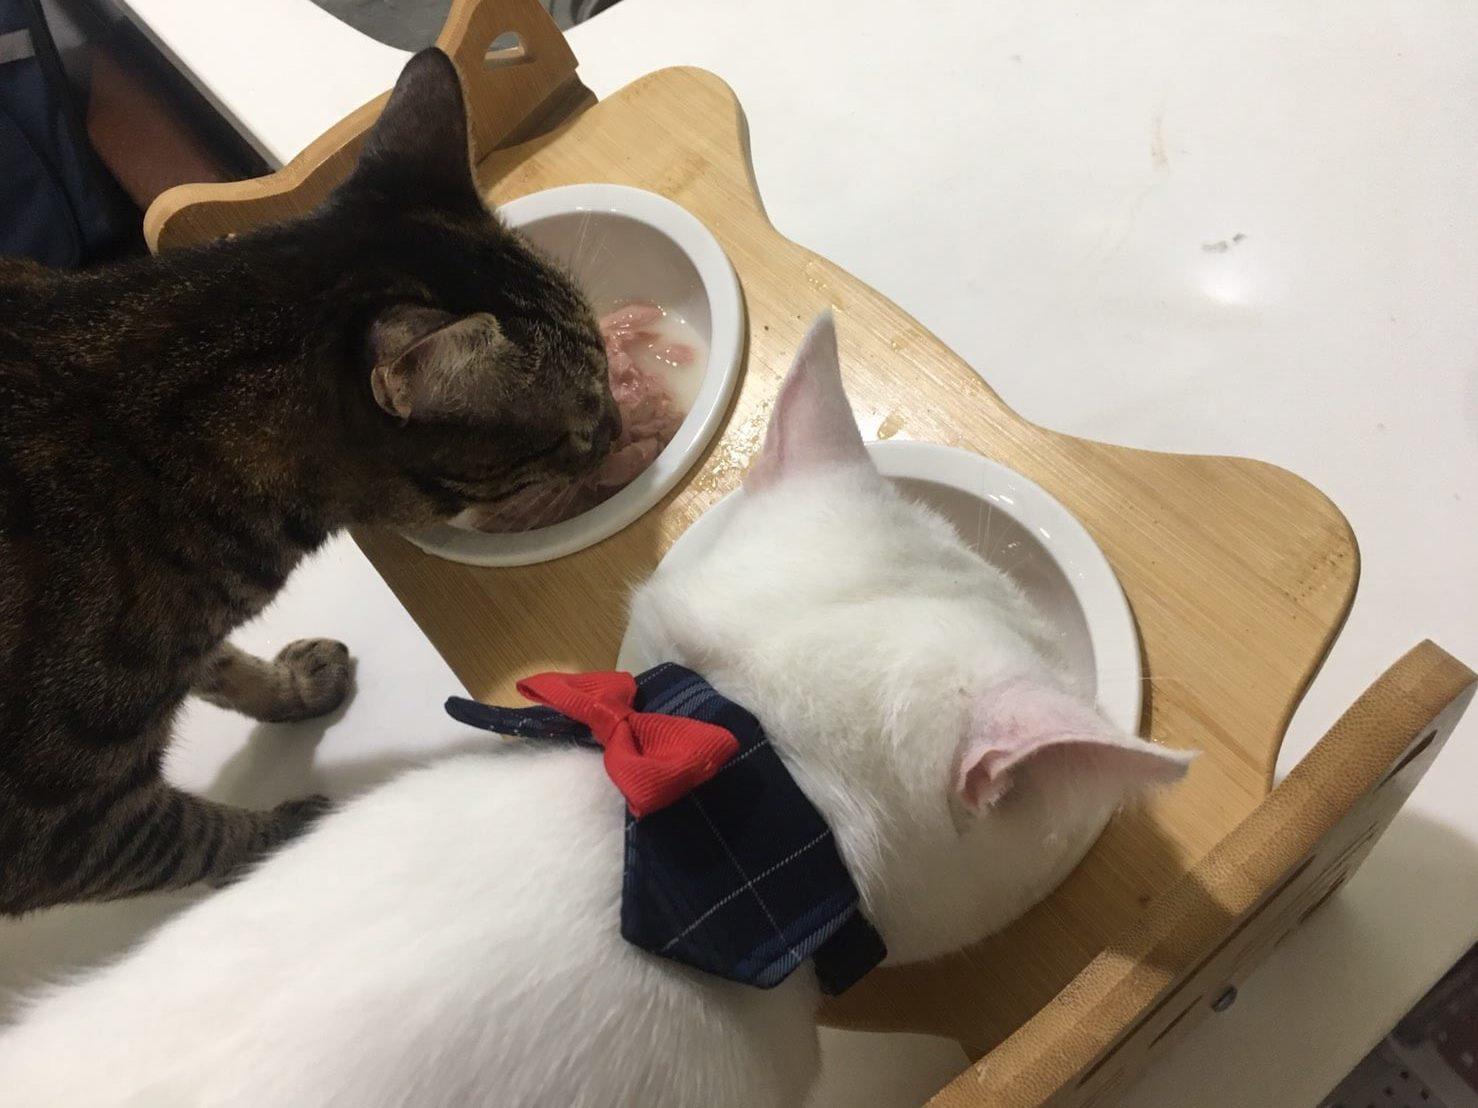 貓侍馬卡龍副食罐試吃2